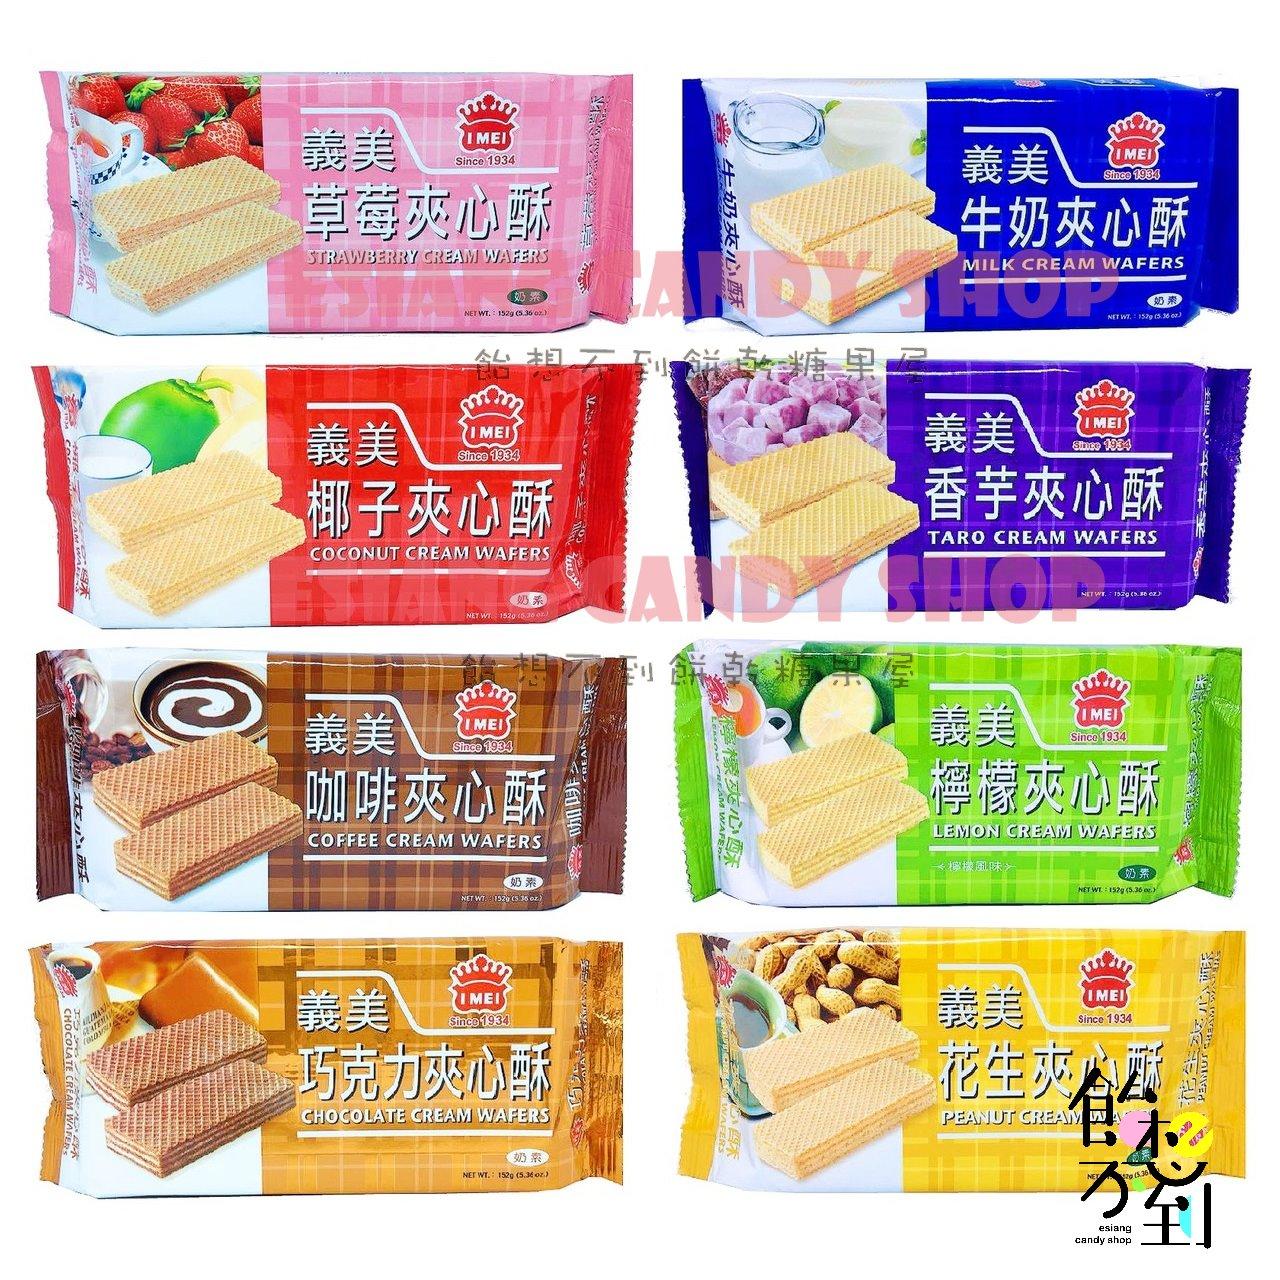 〚義美〛夾心酥152g - 檸檬/巧克力/椰子/咖啡/芋頭/牛奶/草莓/花生